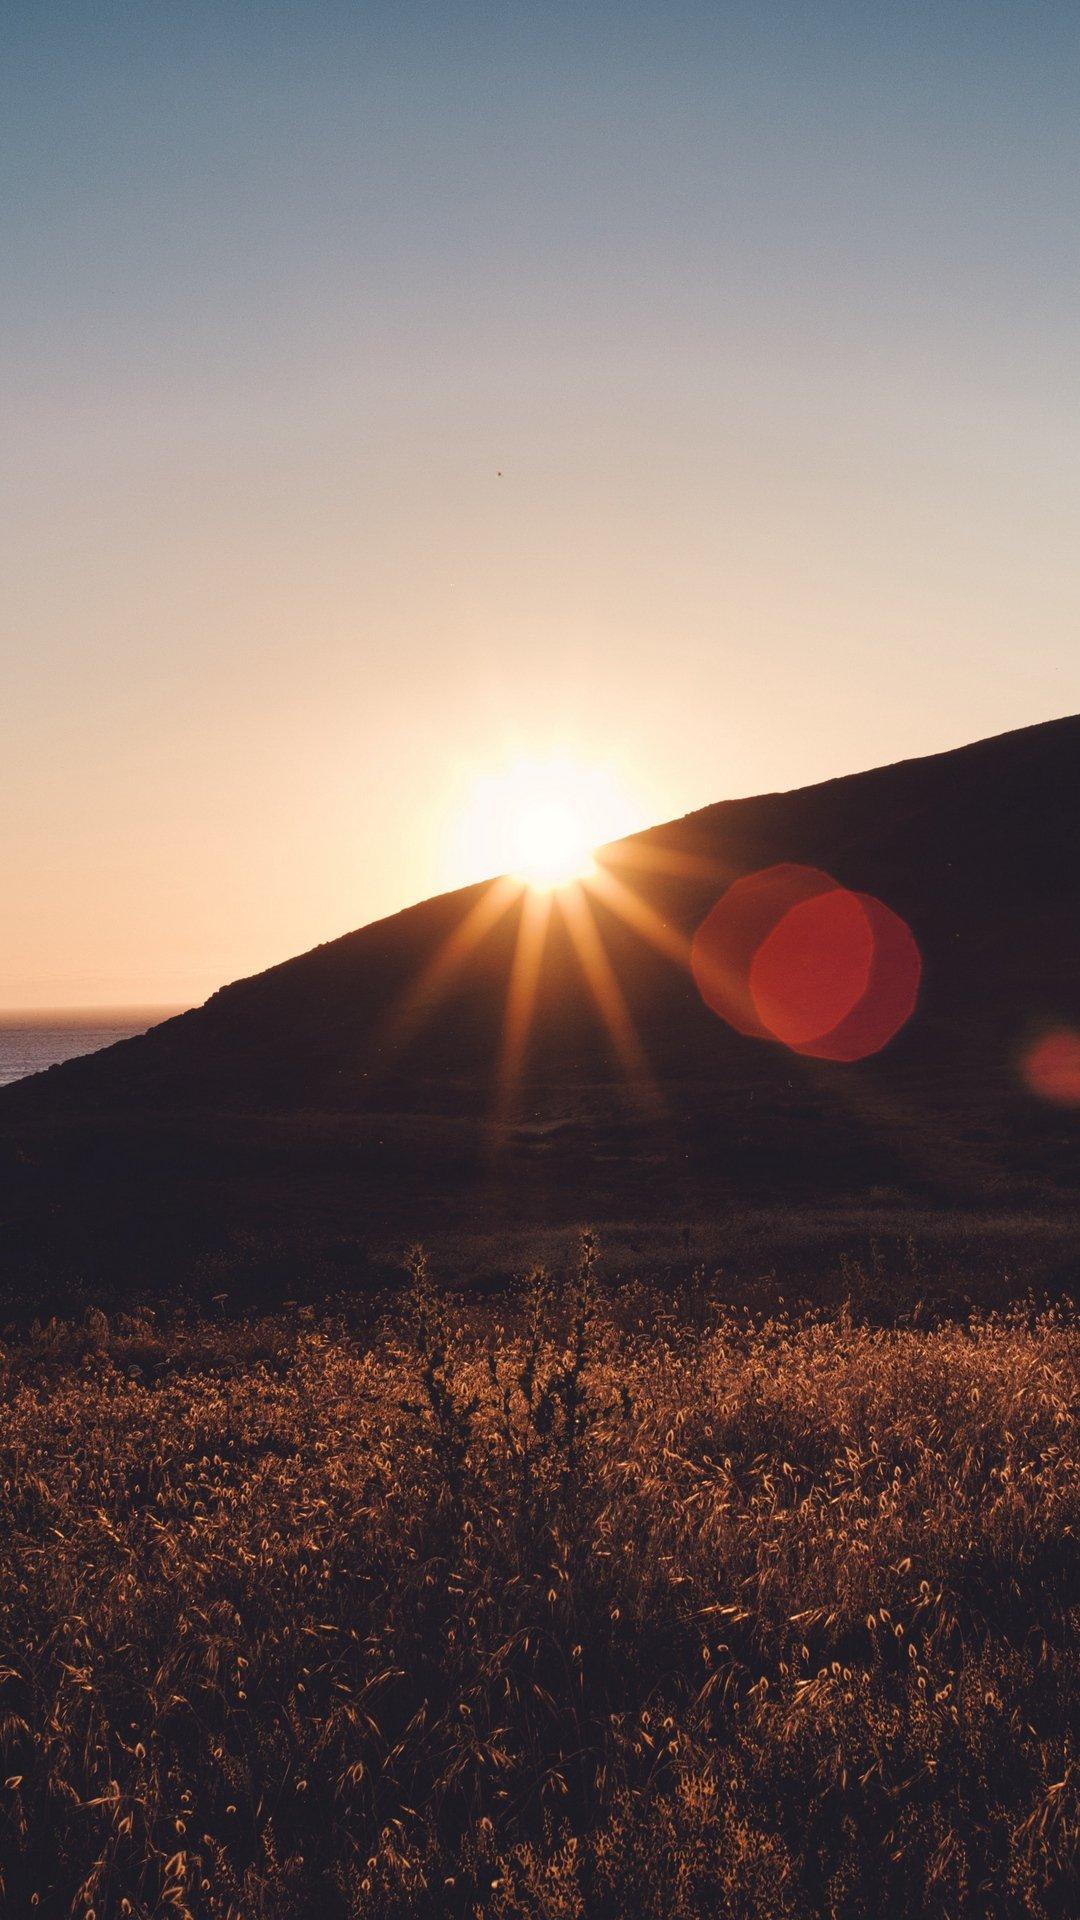 خلفيات ايفون 11 Hd شروق الشمس روعة مربع